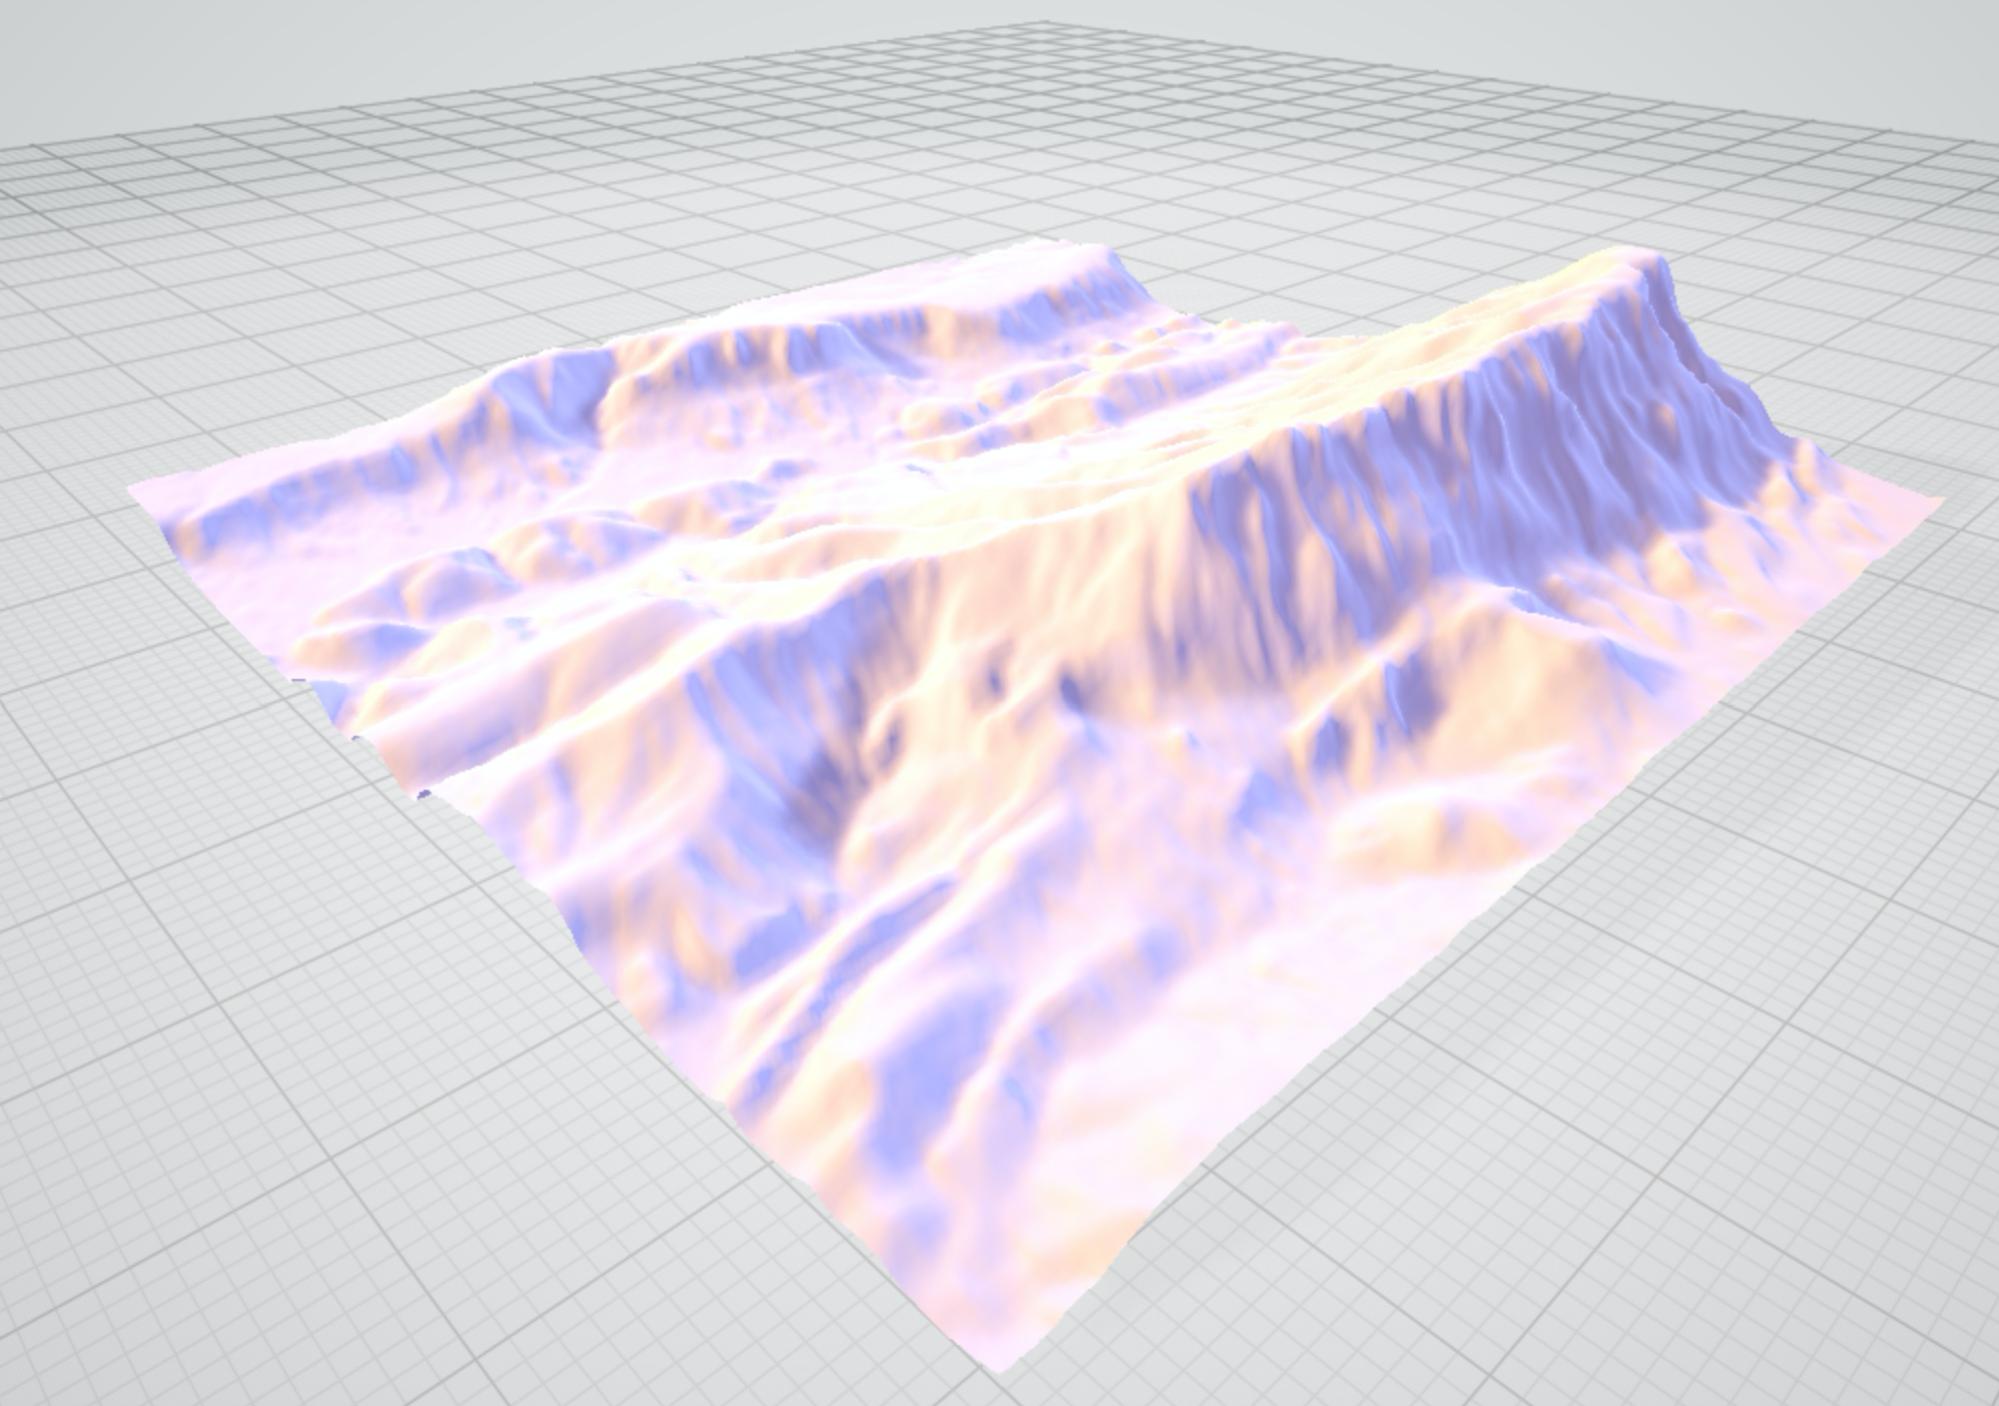 elevation api gltf model